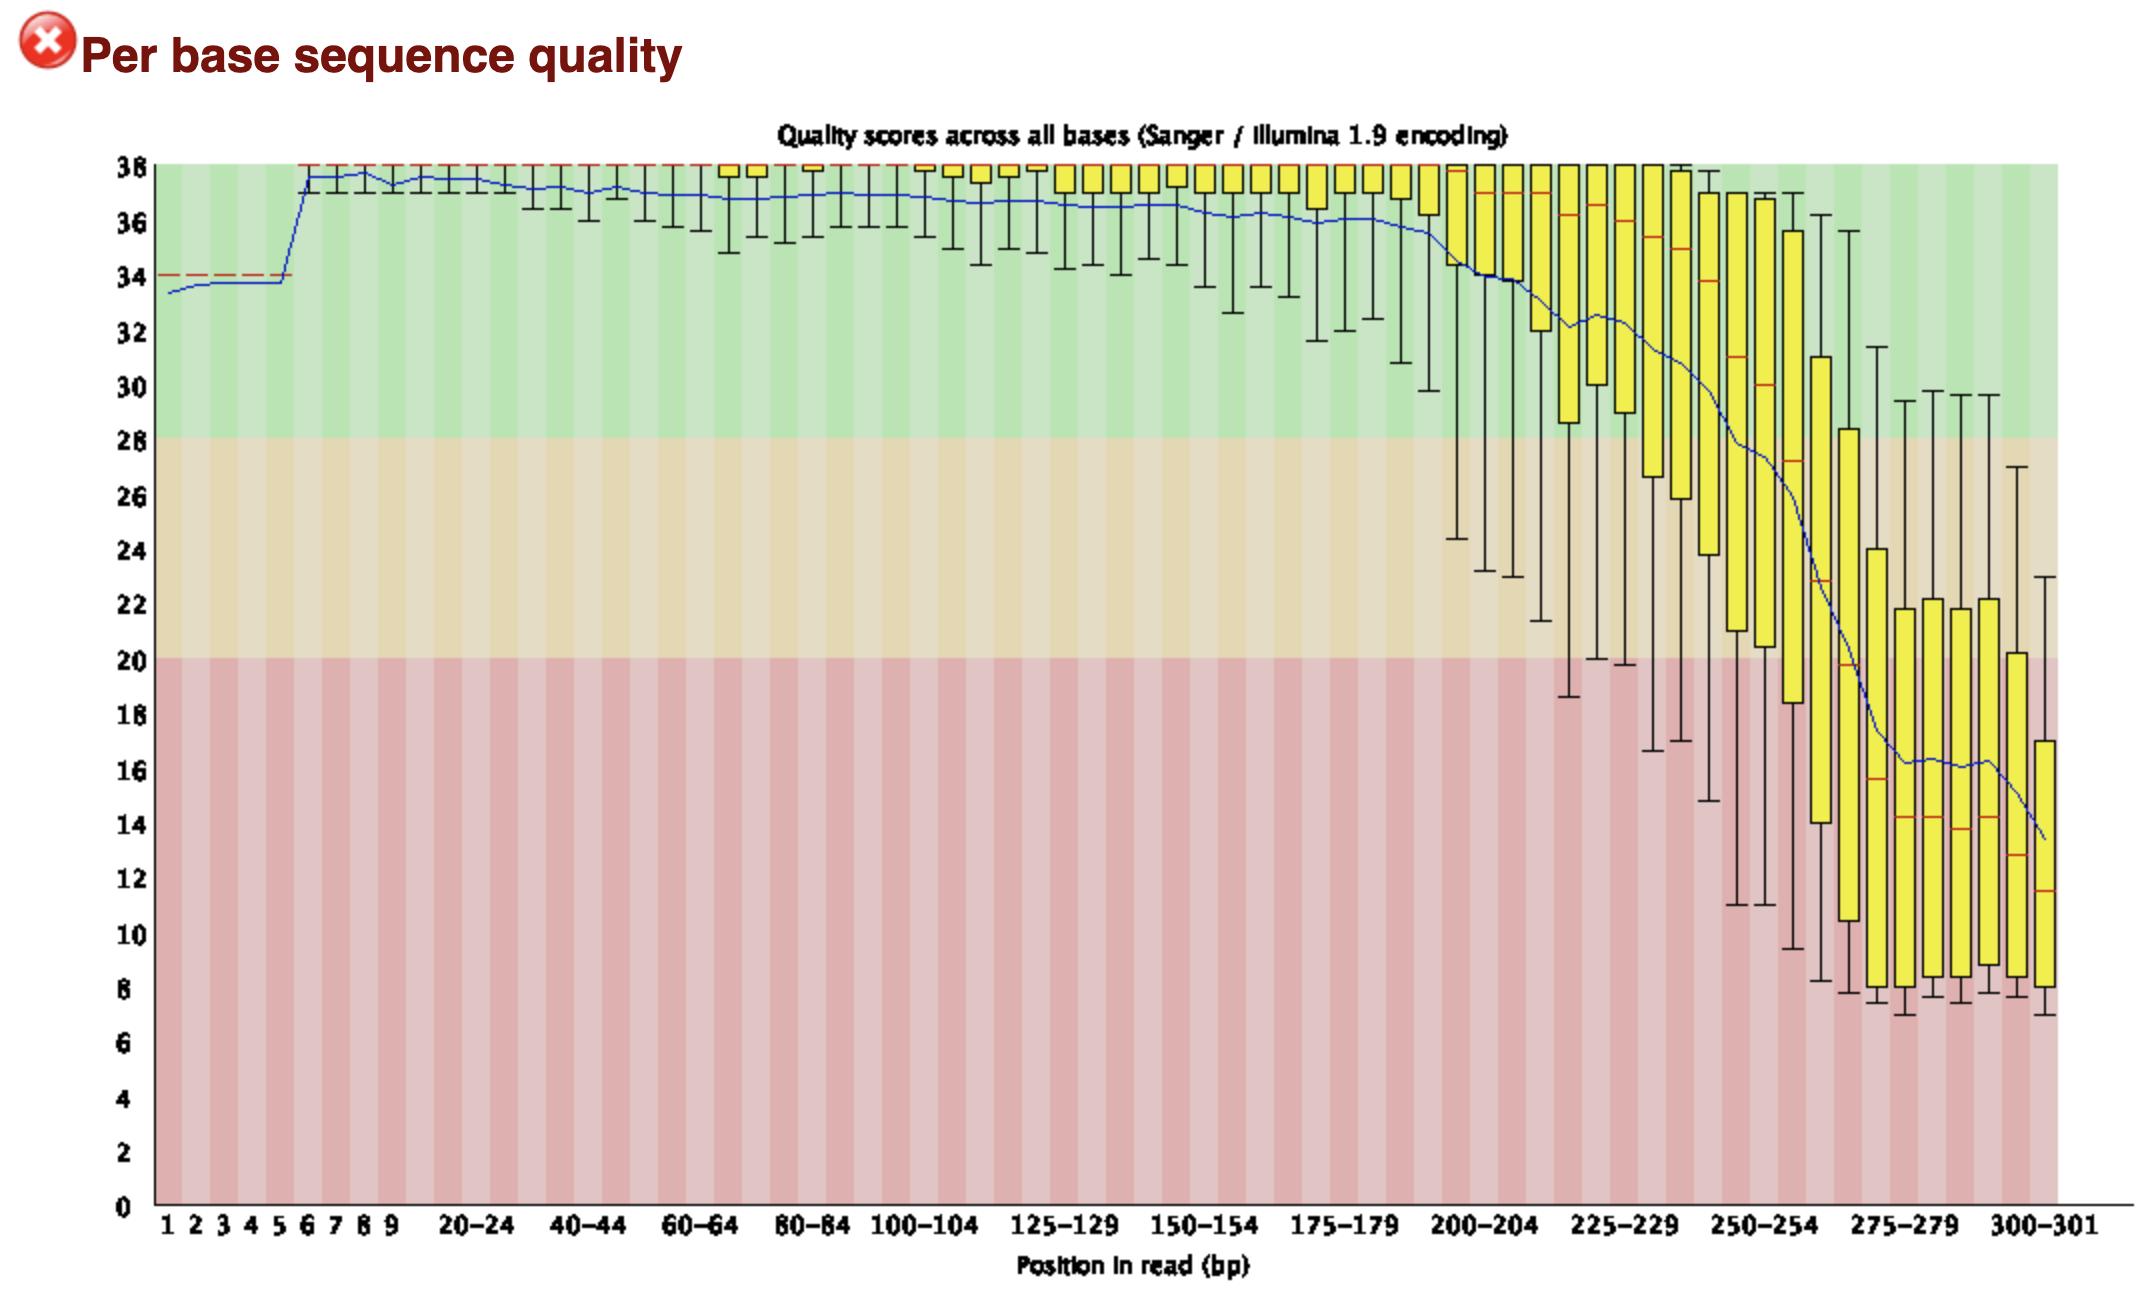 reads的每个碱基位置的测序质量分布